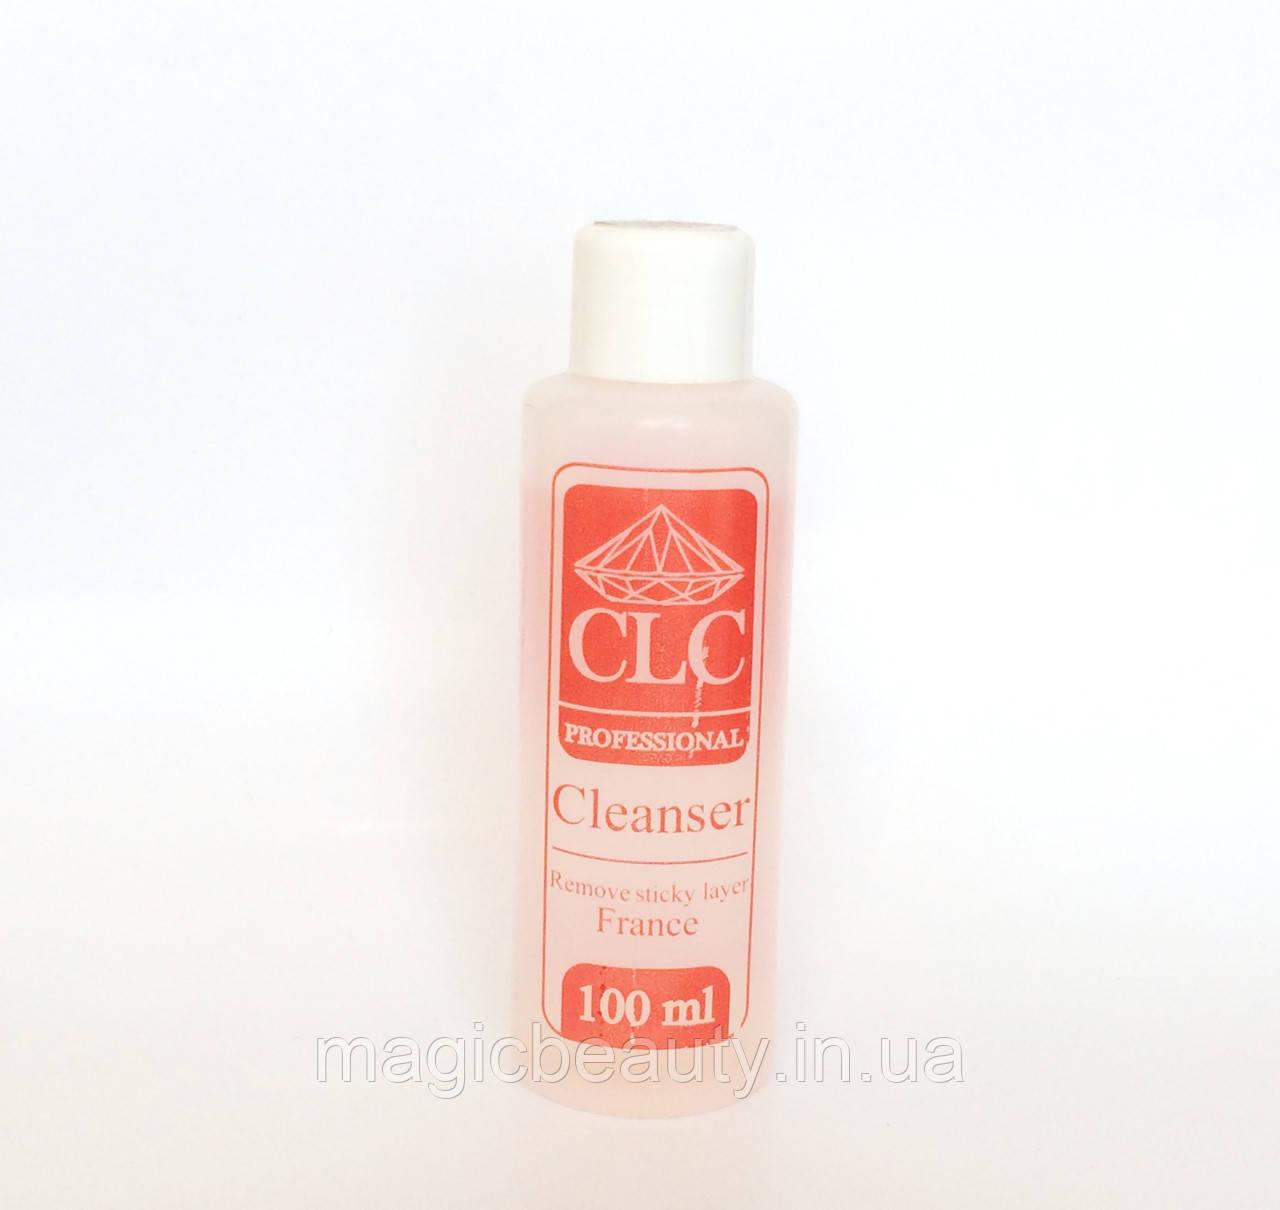 Жидкость для снятия липкого слоя CLC PRO Cleanser 100ml (Вишня)